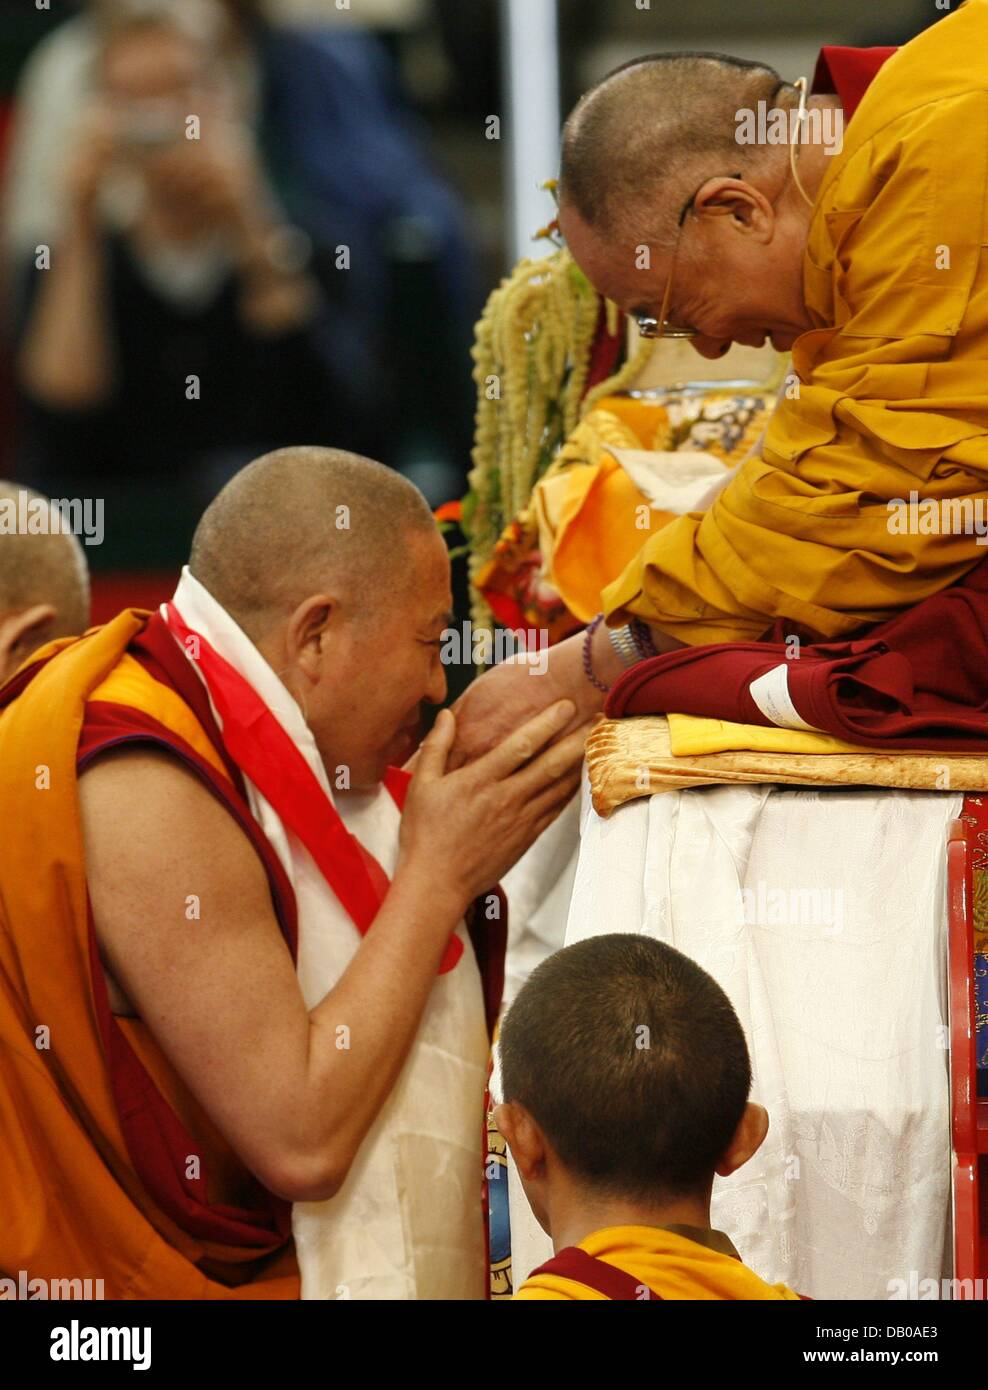 Un monje se pone en contacto con el Dalai Lama (R) en el trono en Hamburgo, Alemania, el 27 de julio de 2007. LosFoto de stock